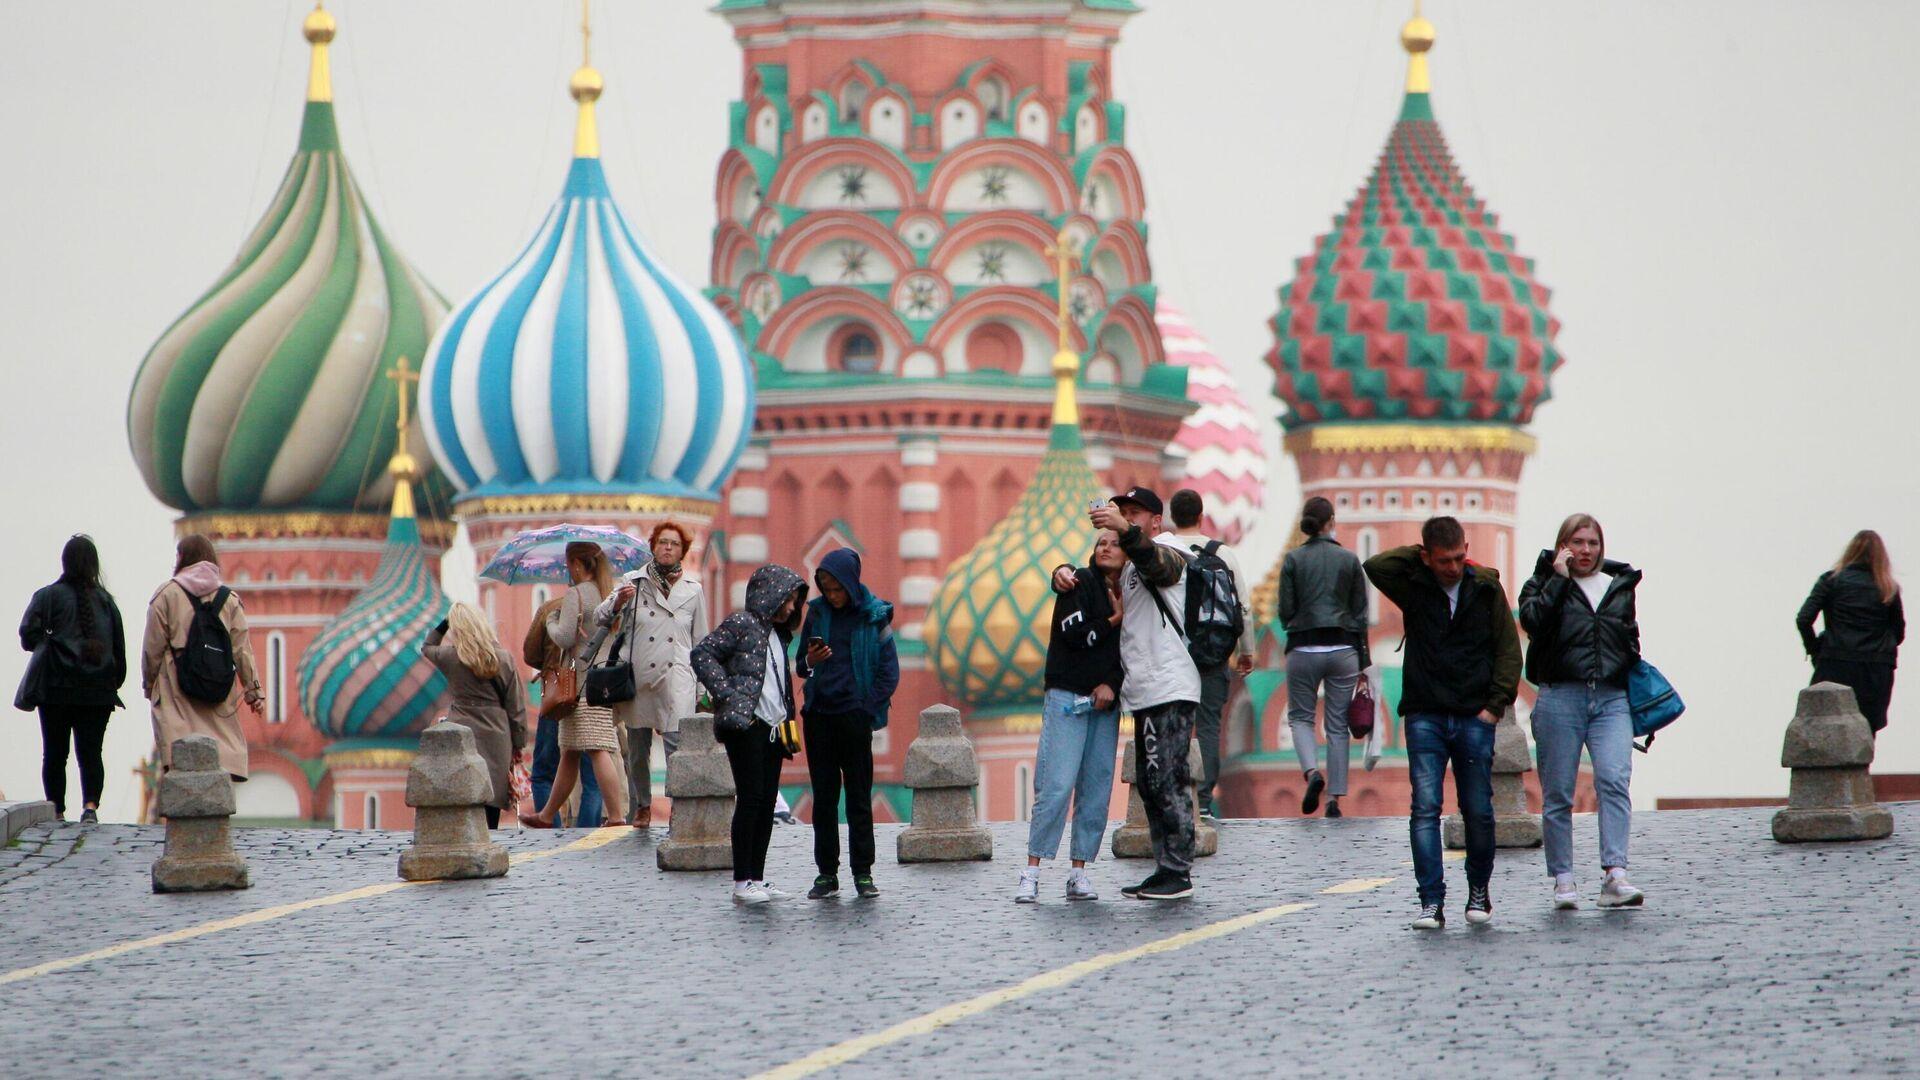 Люди на Красной площади в Москве - РИА Новости, 1920, 16.10.2020